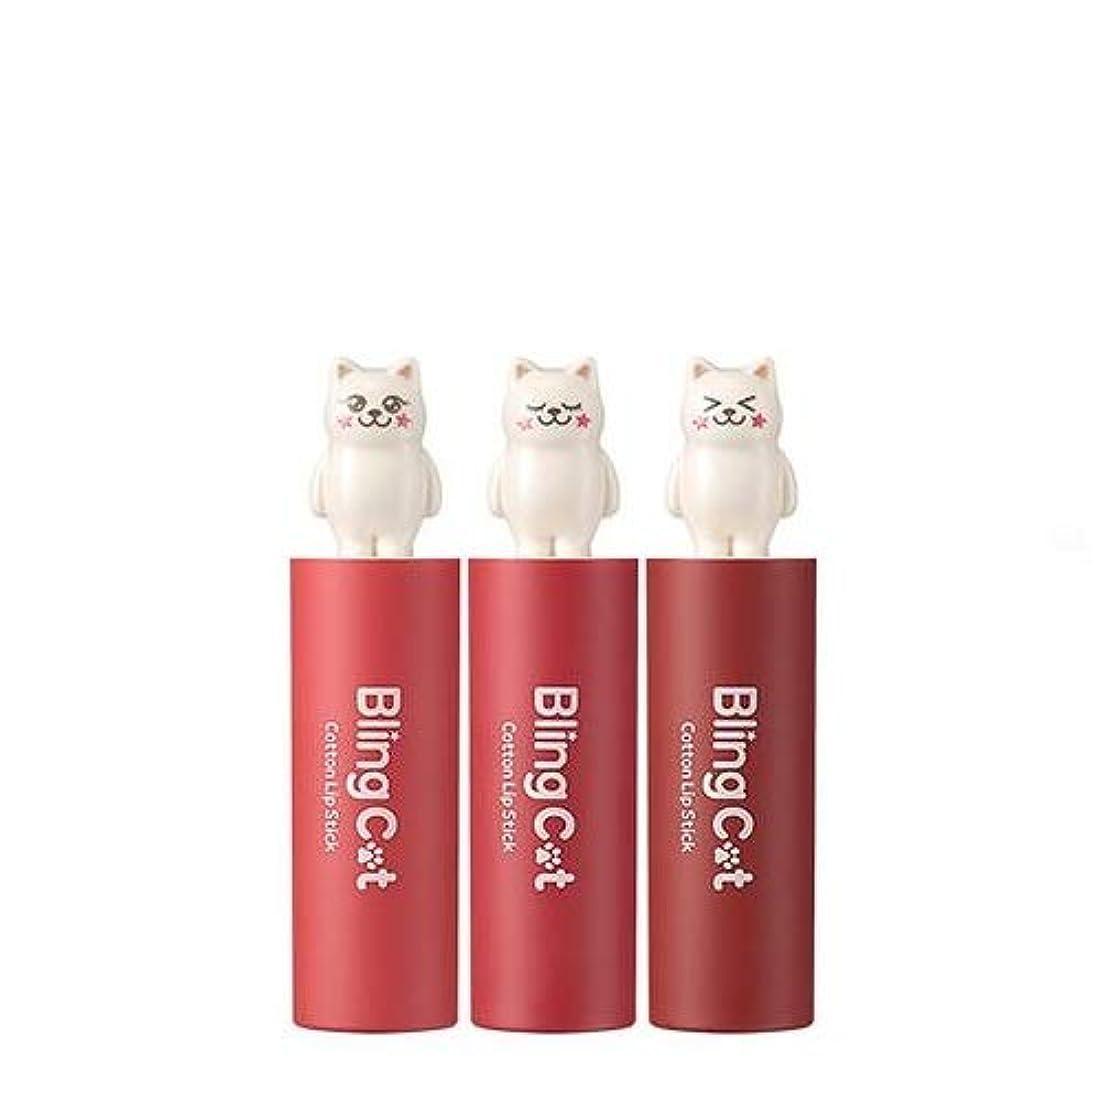 メッセージレイアウト代数的トニーモリー ブリングキャット コットン リップスティック 3.4g / TONYMOLY Bling Cat Cotton Lipstick # 01. Wild Kiss [並行輸入品]